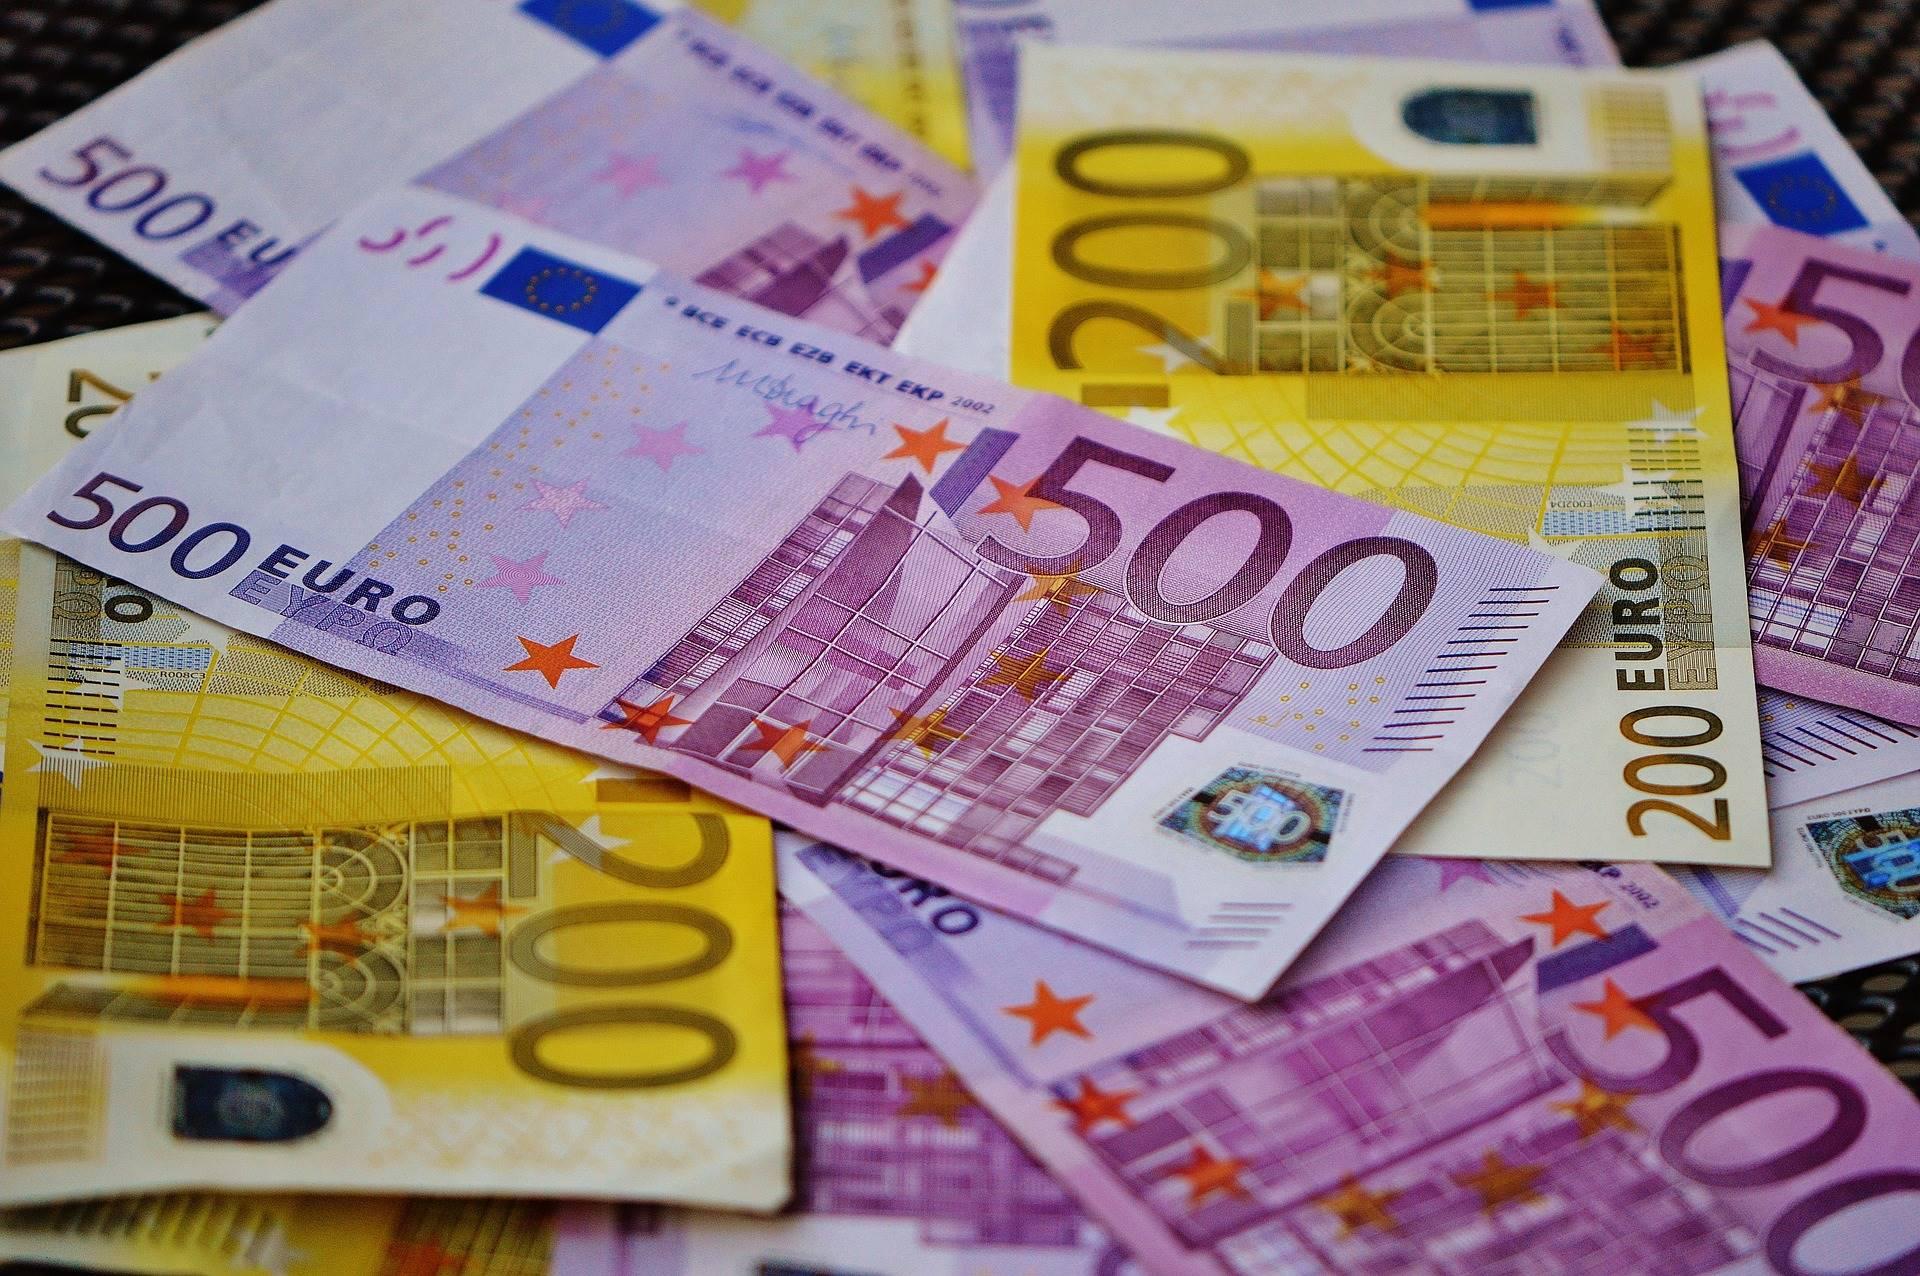 ANWB Fonds geeft € 10.000 aan mooiste project uit Gelderland